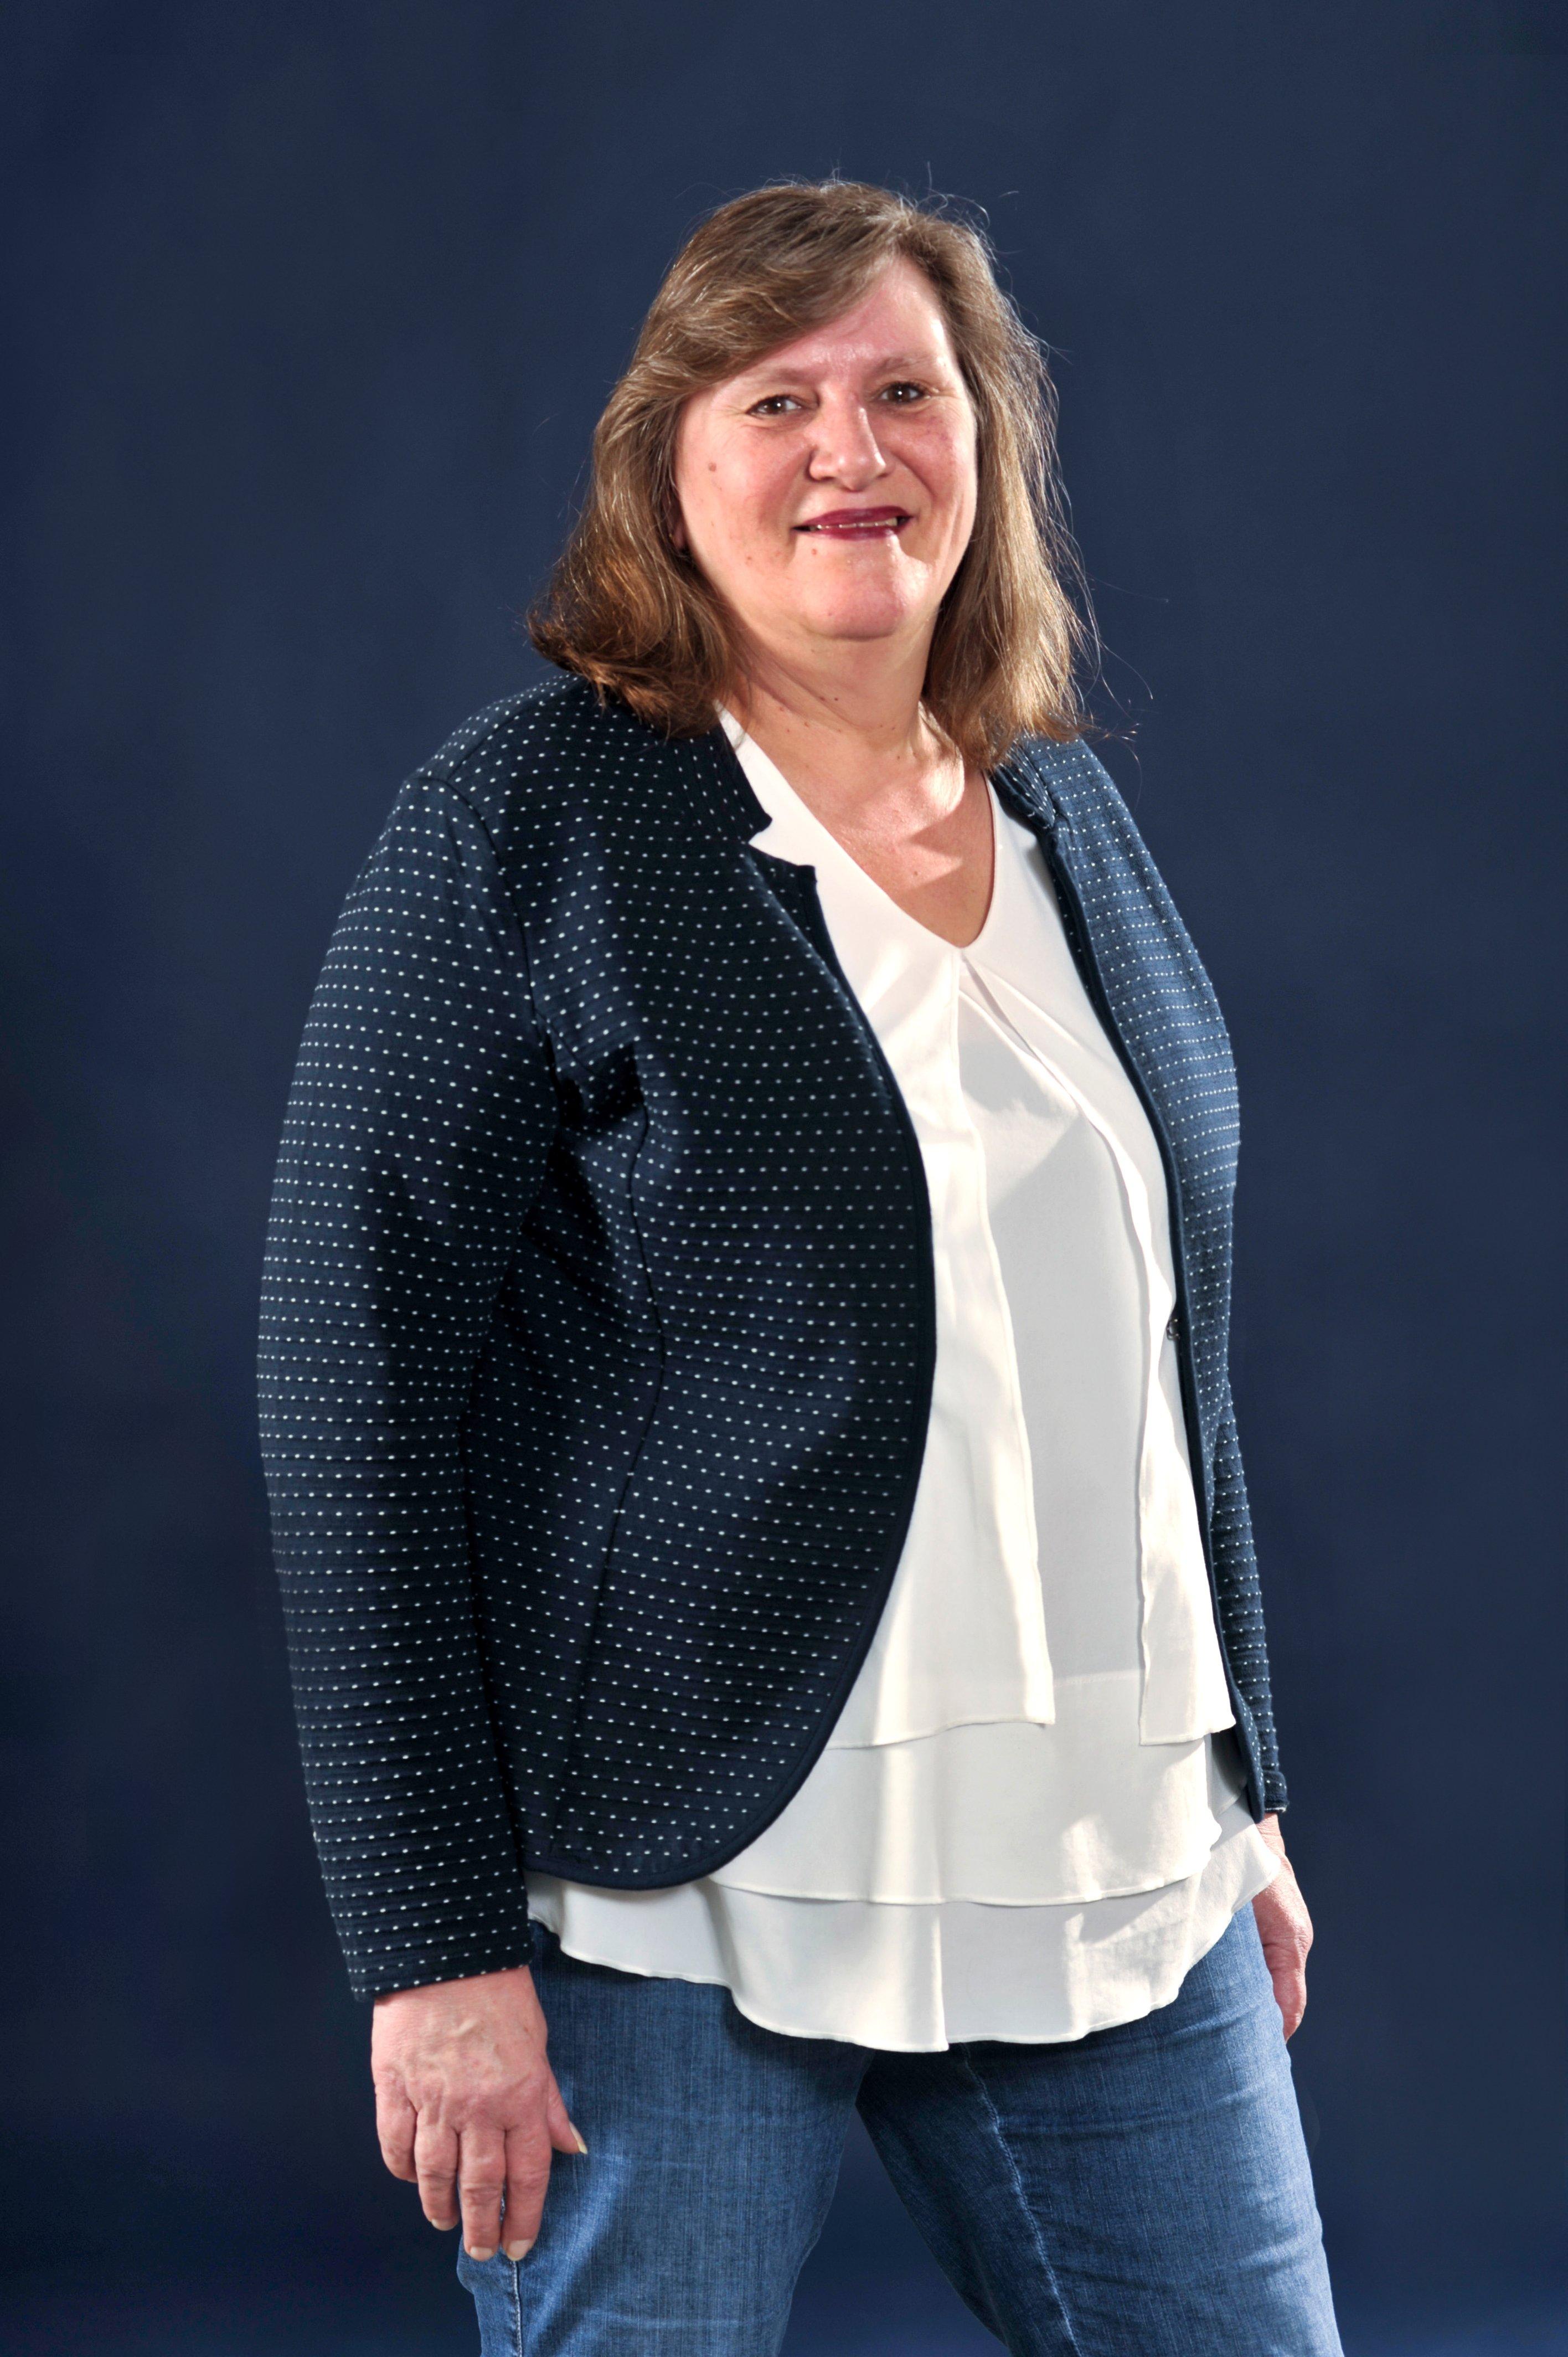 Gisela Töllner